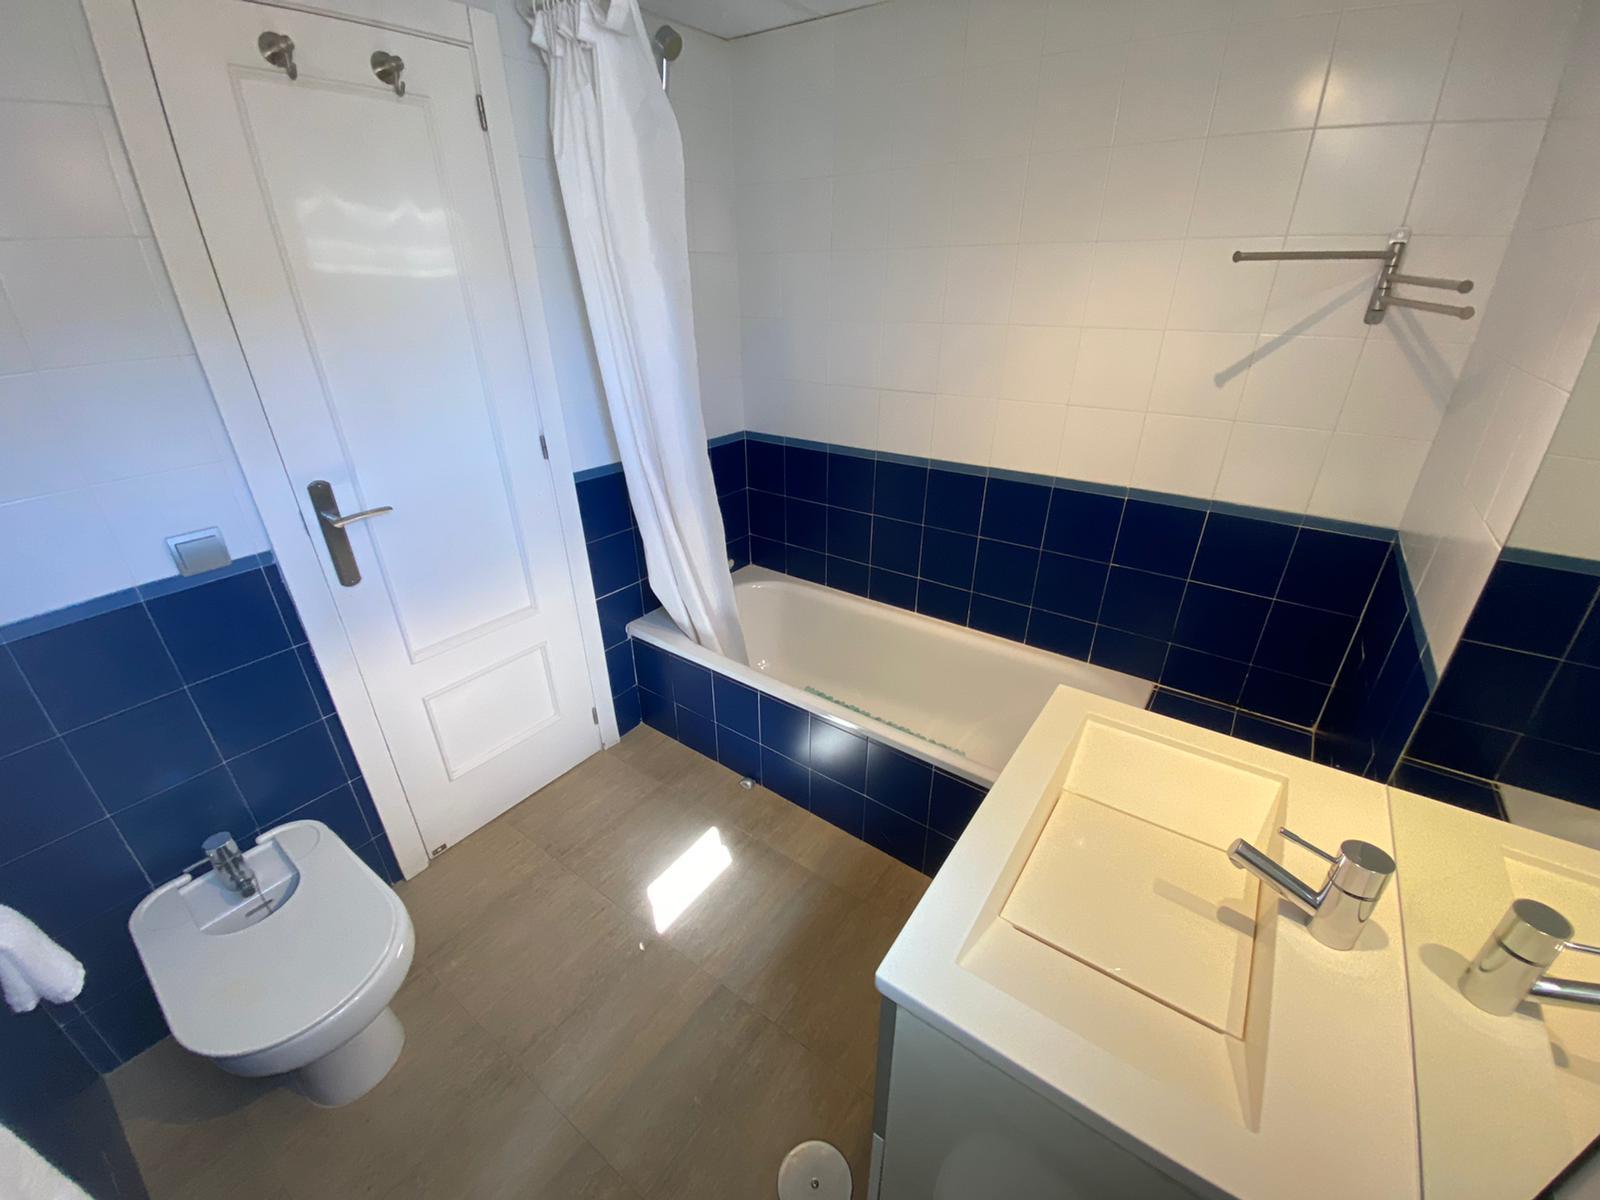 Imagen 33 del Apartamento Turístico, Ático 1 Poniente (3d+2b), Punta del Moral (HUELVA), Paseo de la Cruz nº22